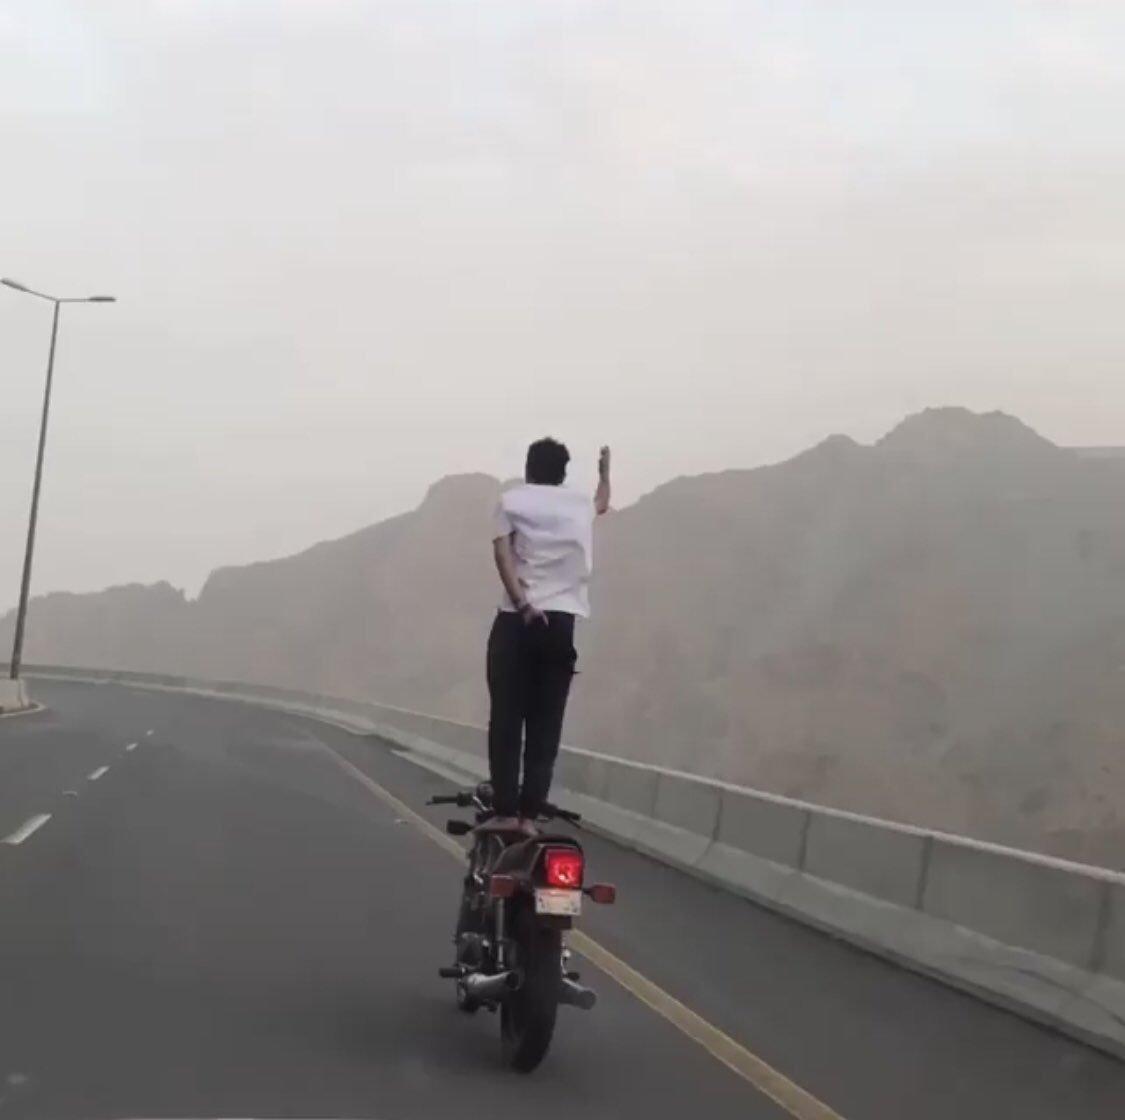 """مرور الطائف: القبض على قائد دراجة يقودها بطريقة """"متهورة"""" تعرضه وتعرض الآخرين للخطر"""